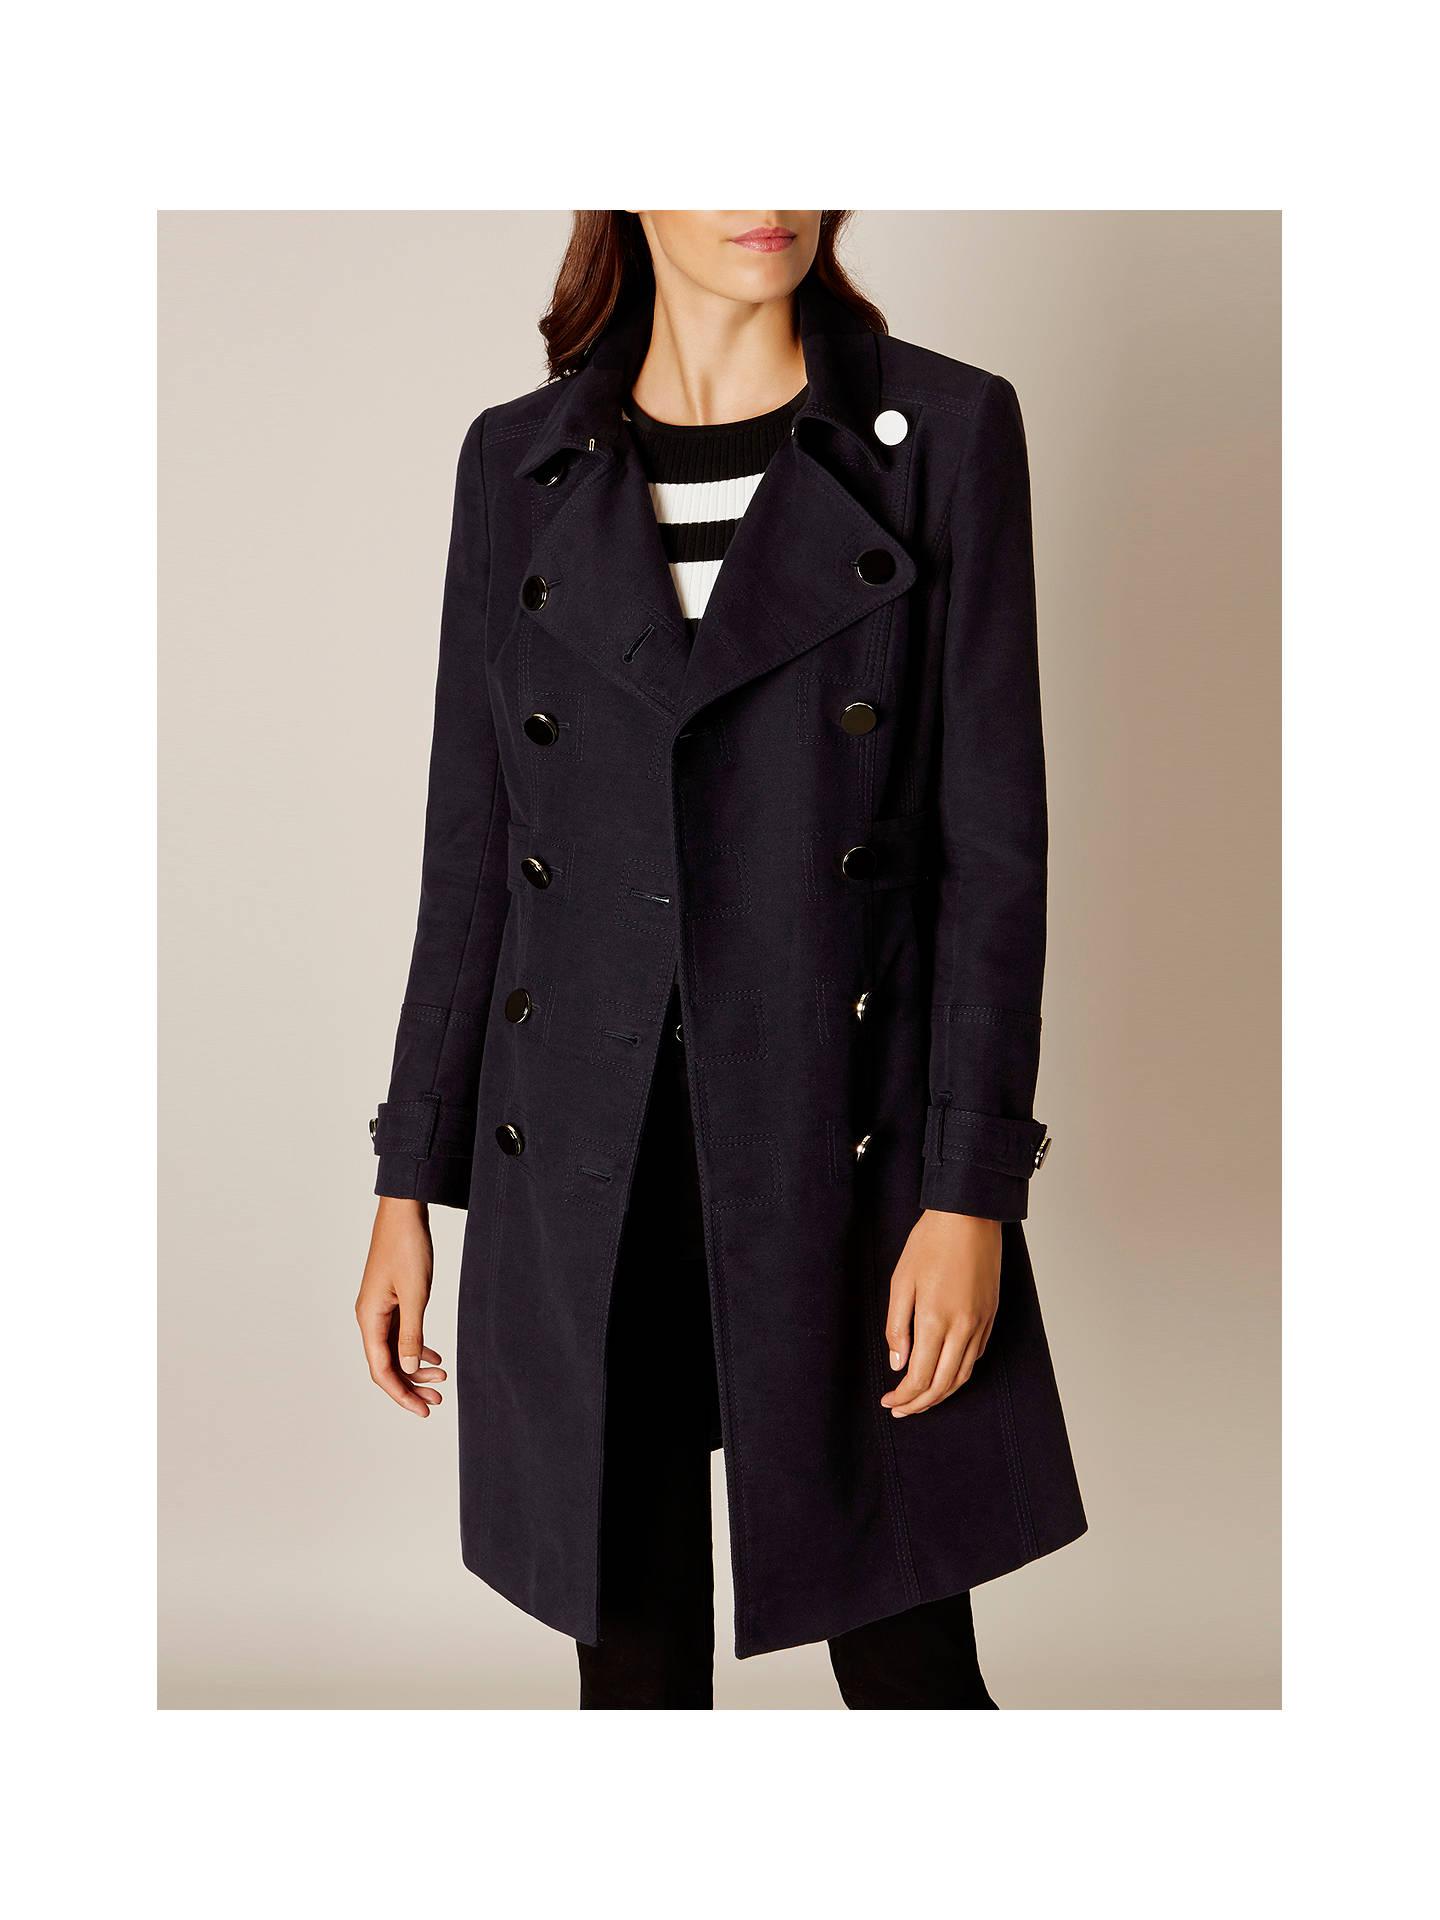 Karen Millen Military Coat, Navy at John Lewis & Partners